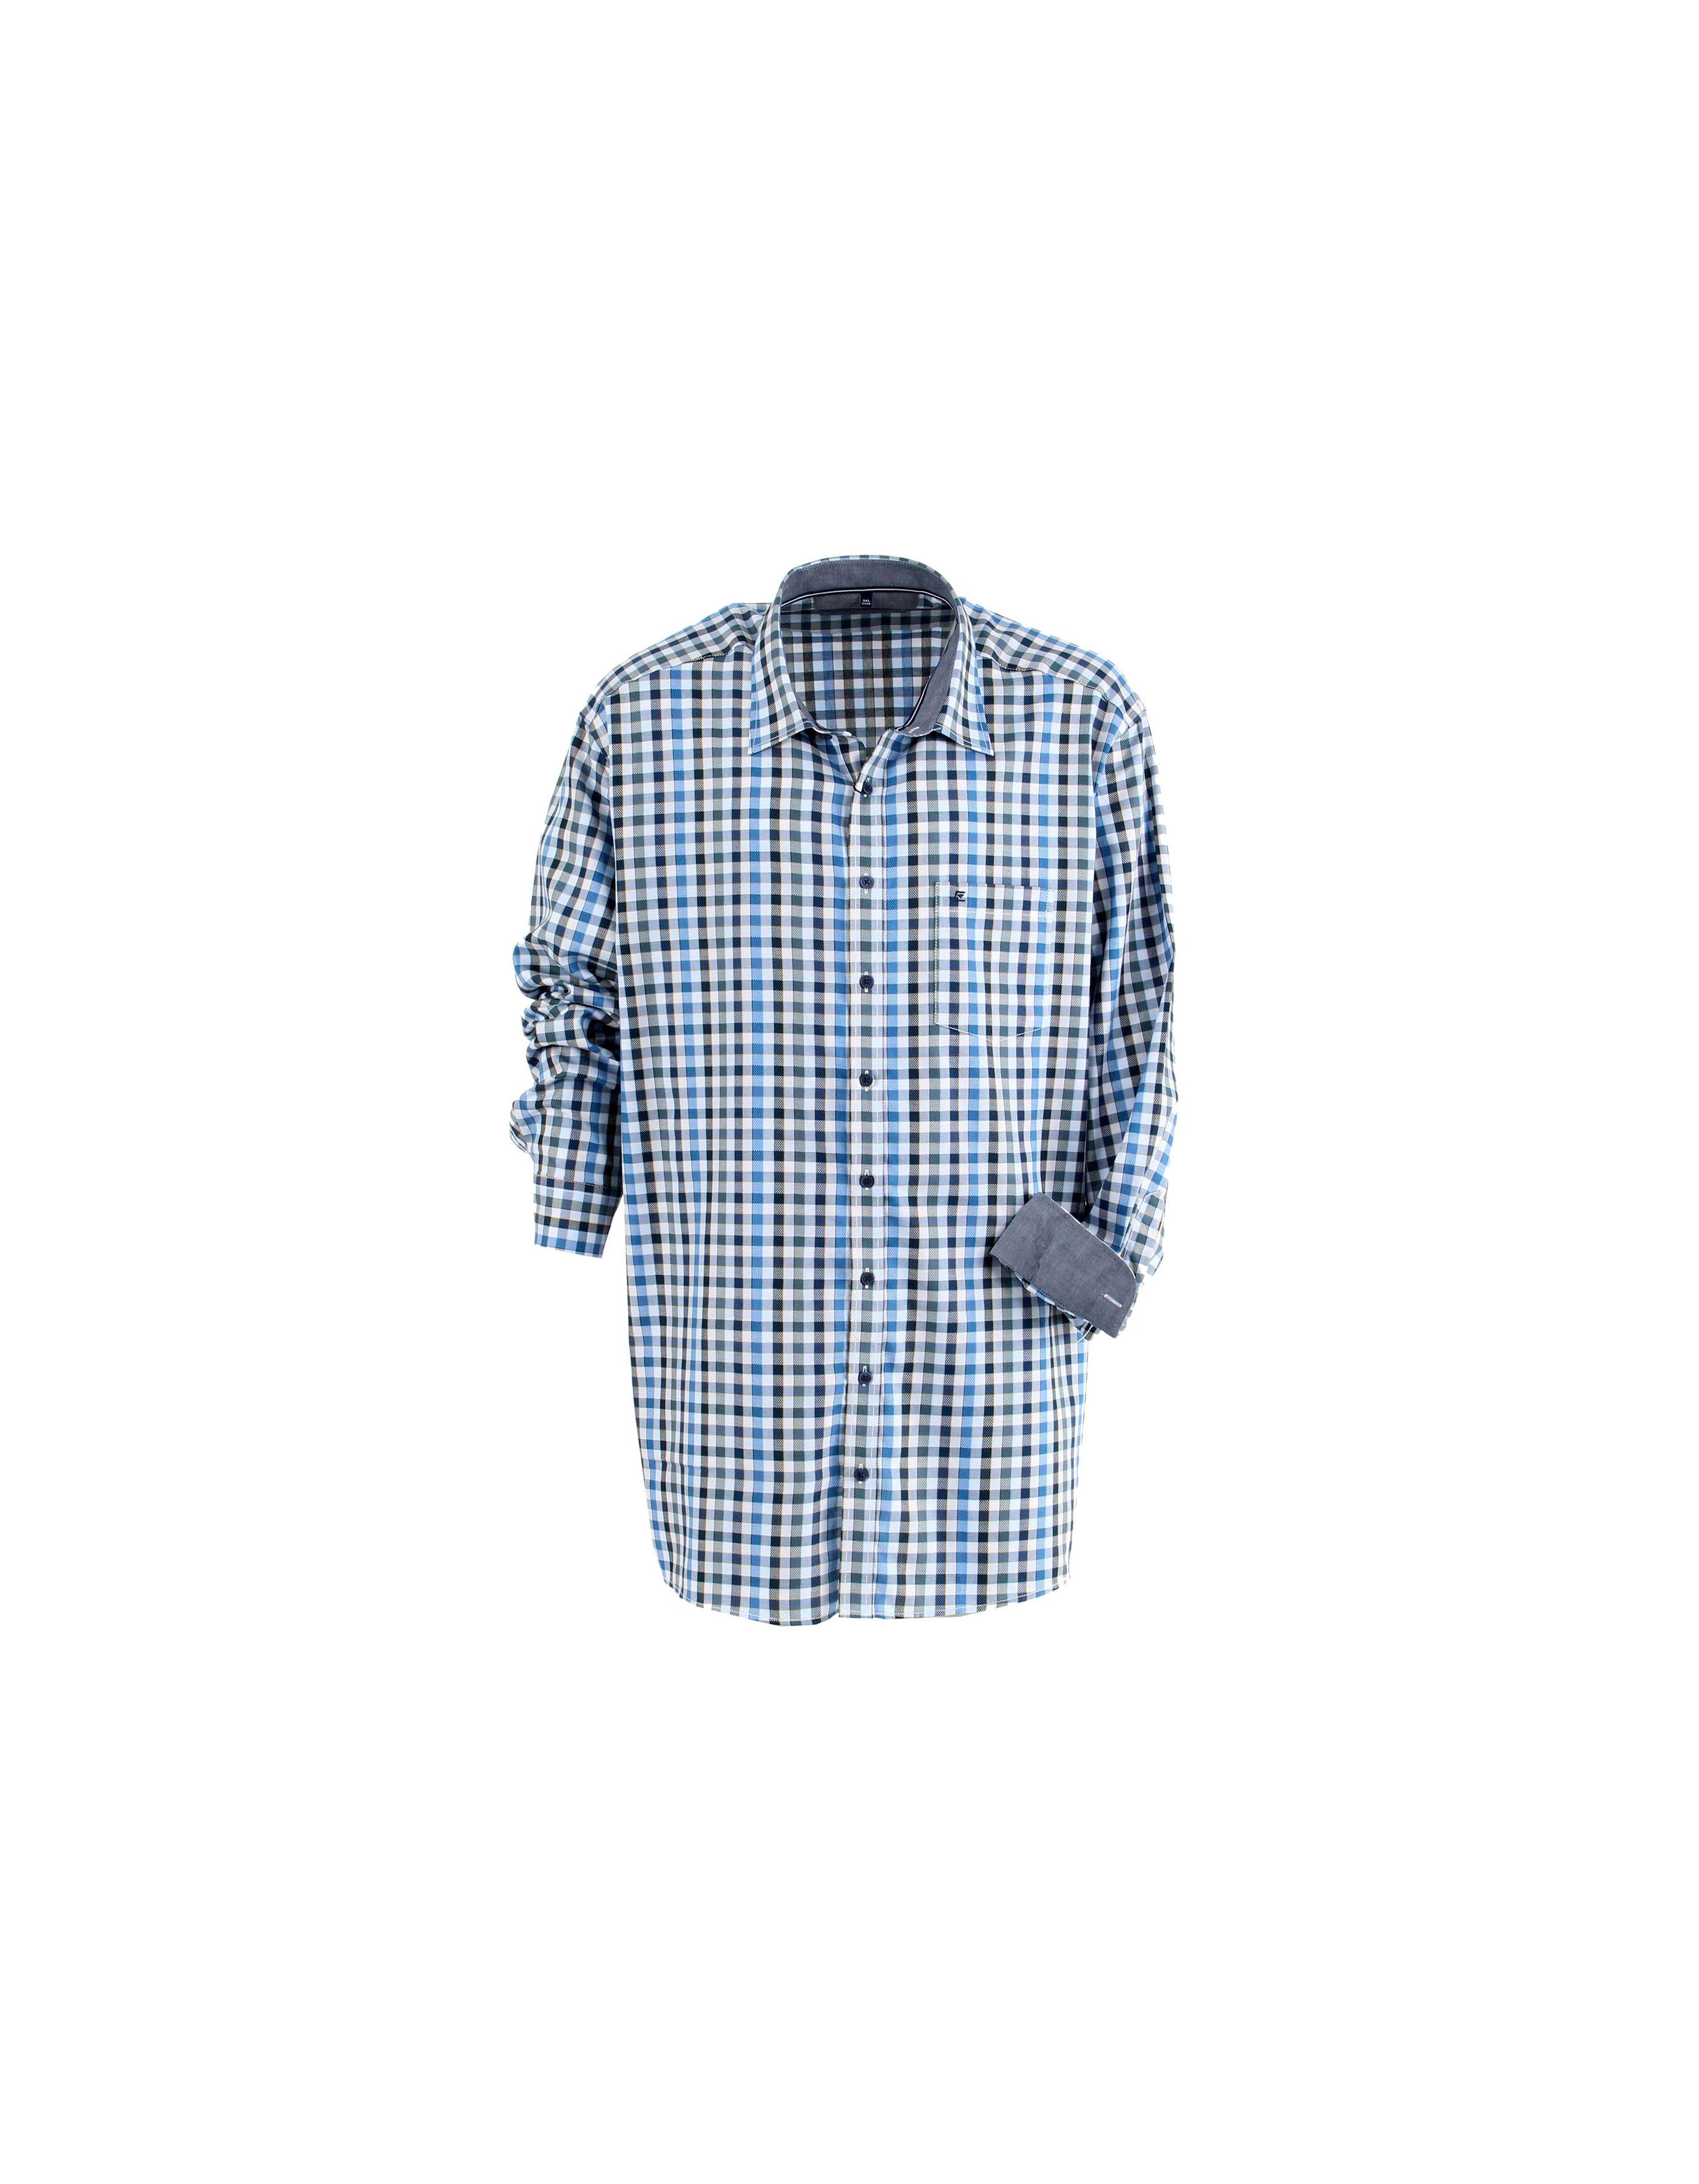 Chemise casual à carreaux bleu/gris